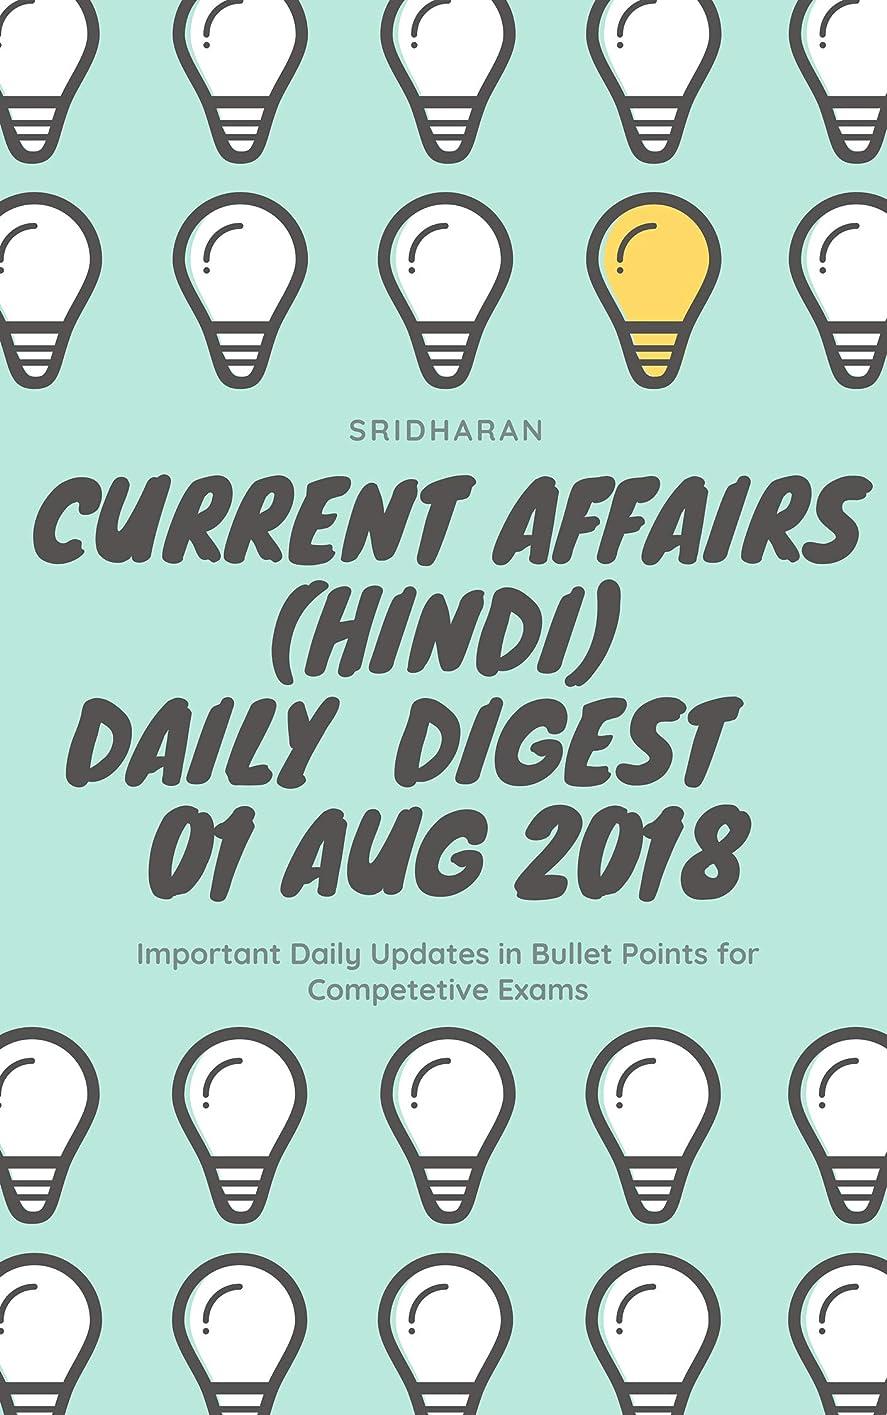 付ける頭蓋骨懇願するCurrent Affairs Hindi - Daily Digest - 20180801 - 1st August 2018 (Hindi Edition)